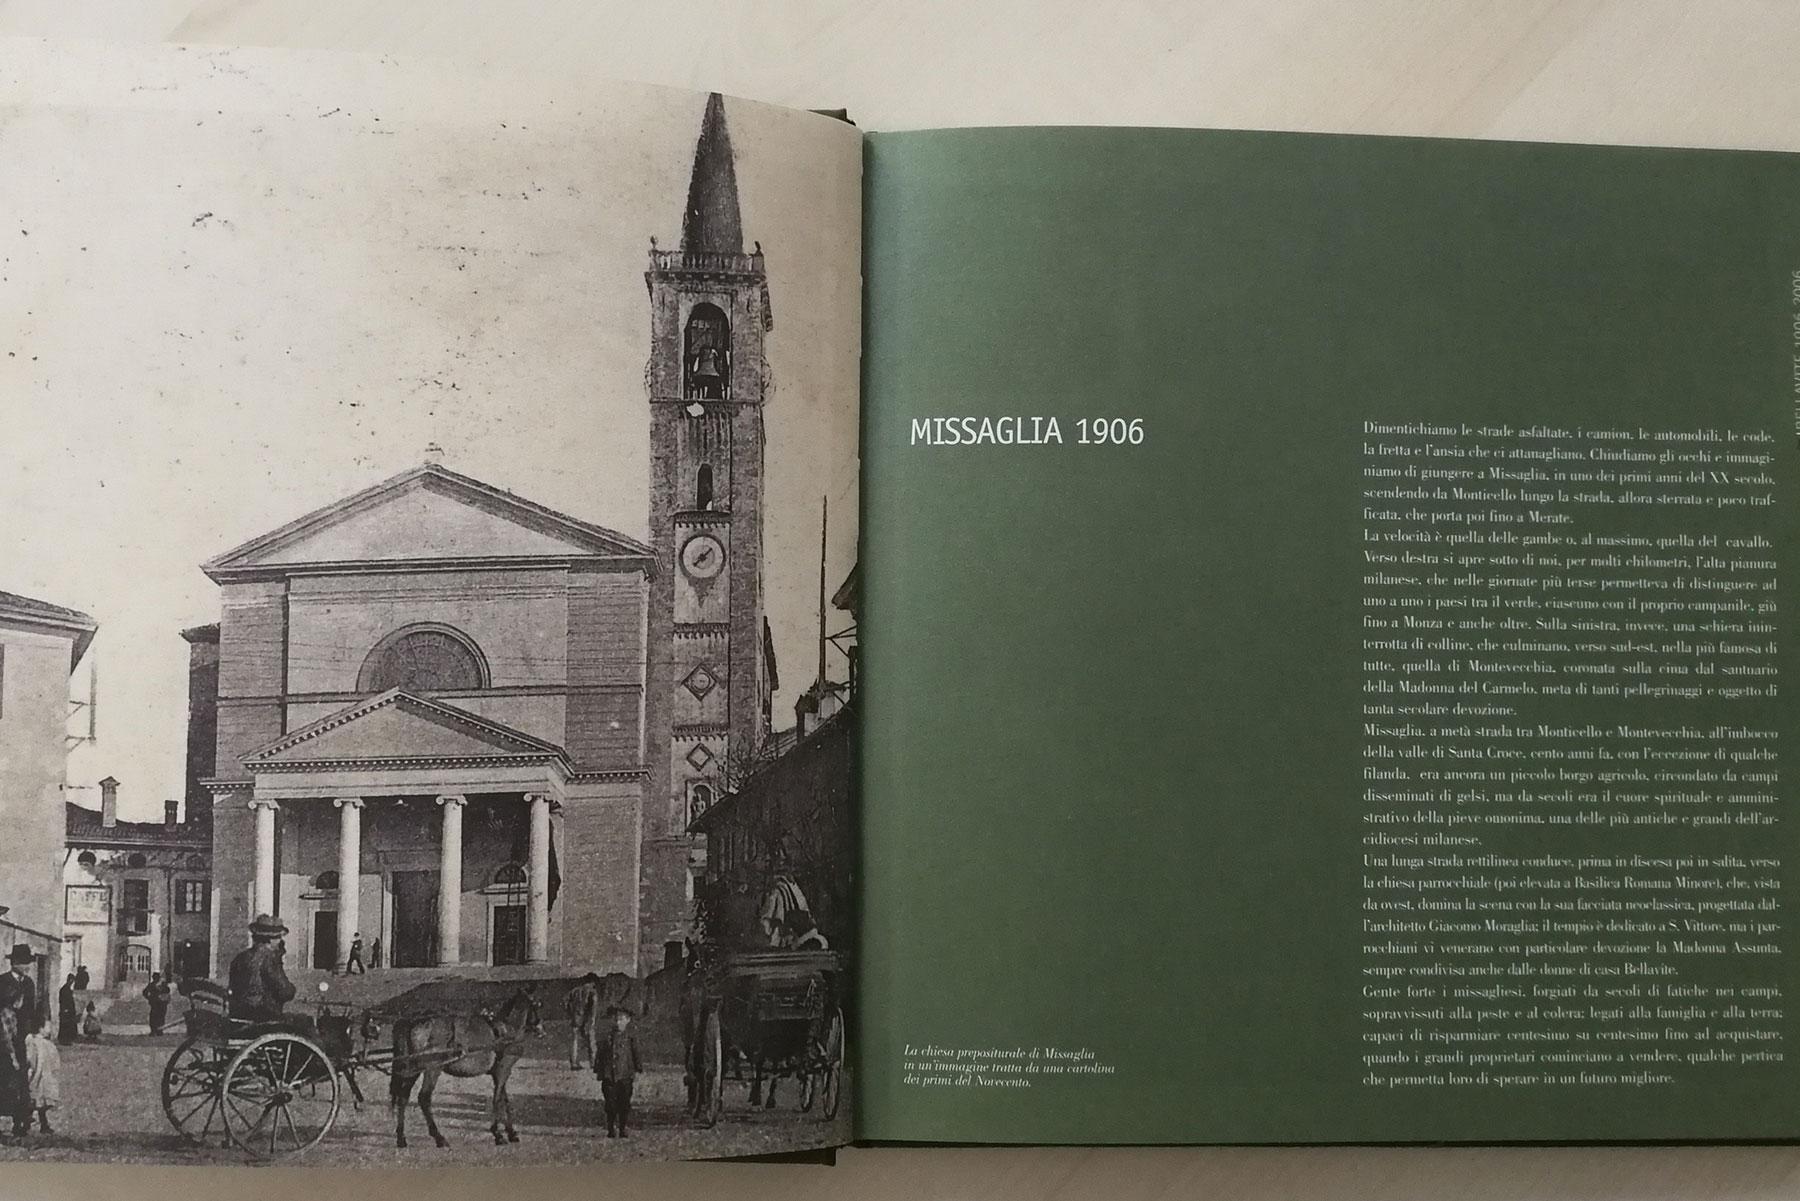 editoria, stampa periodica, mostre ed eventi in Brianza